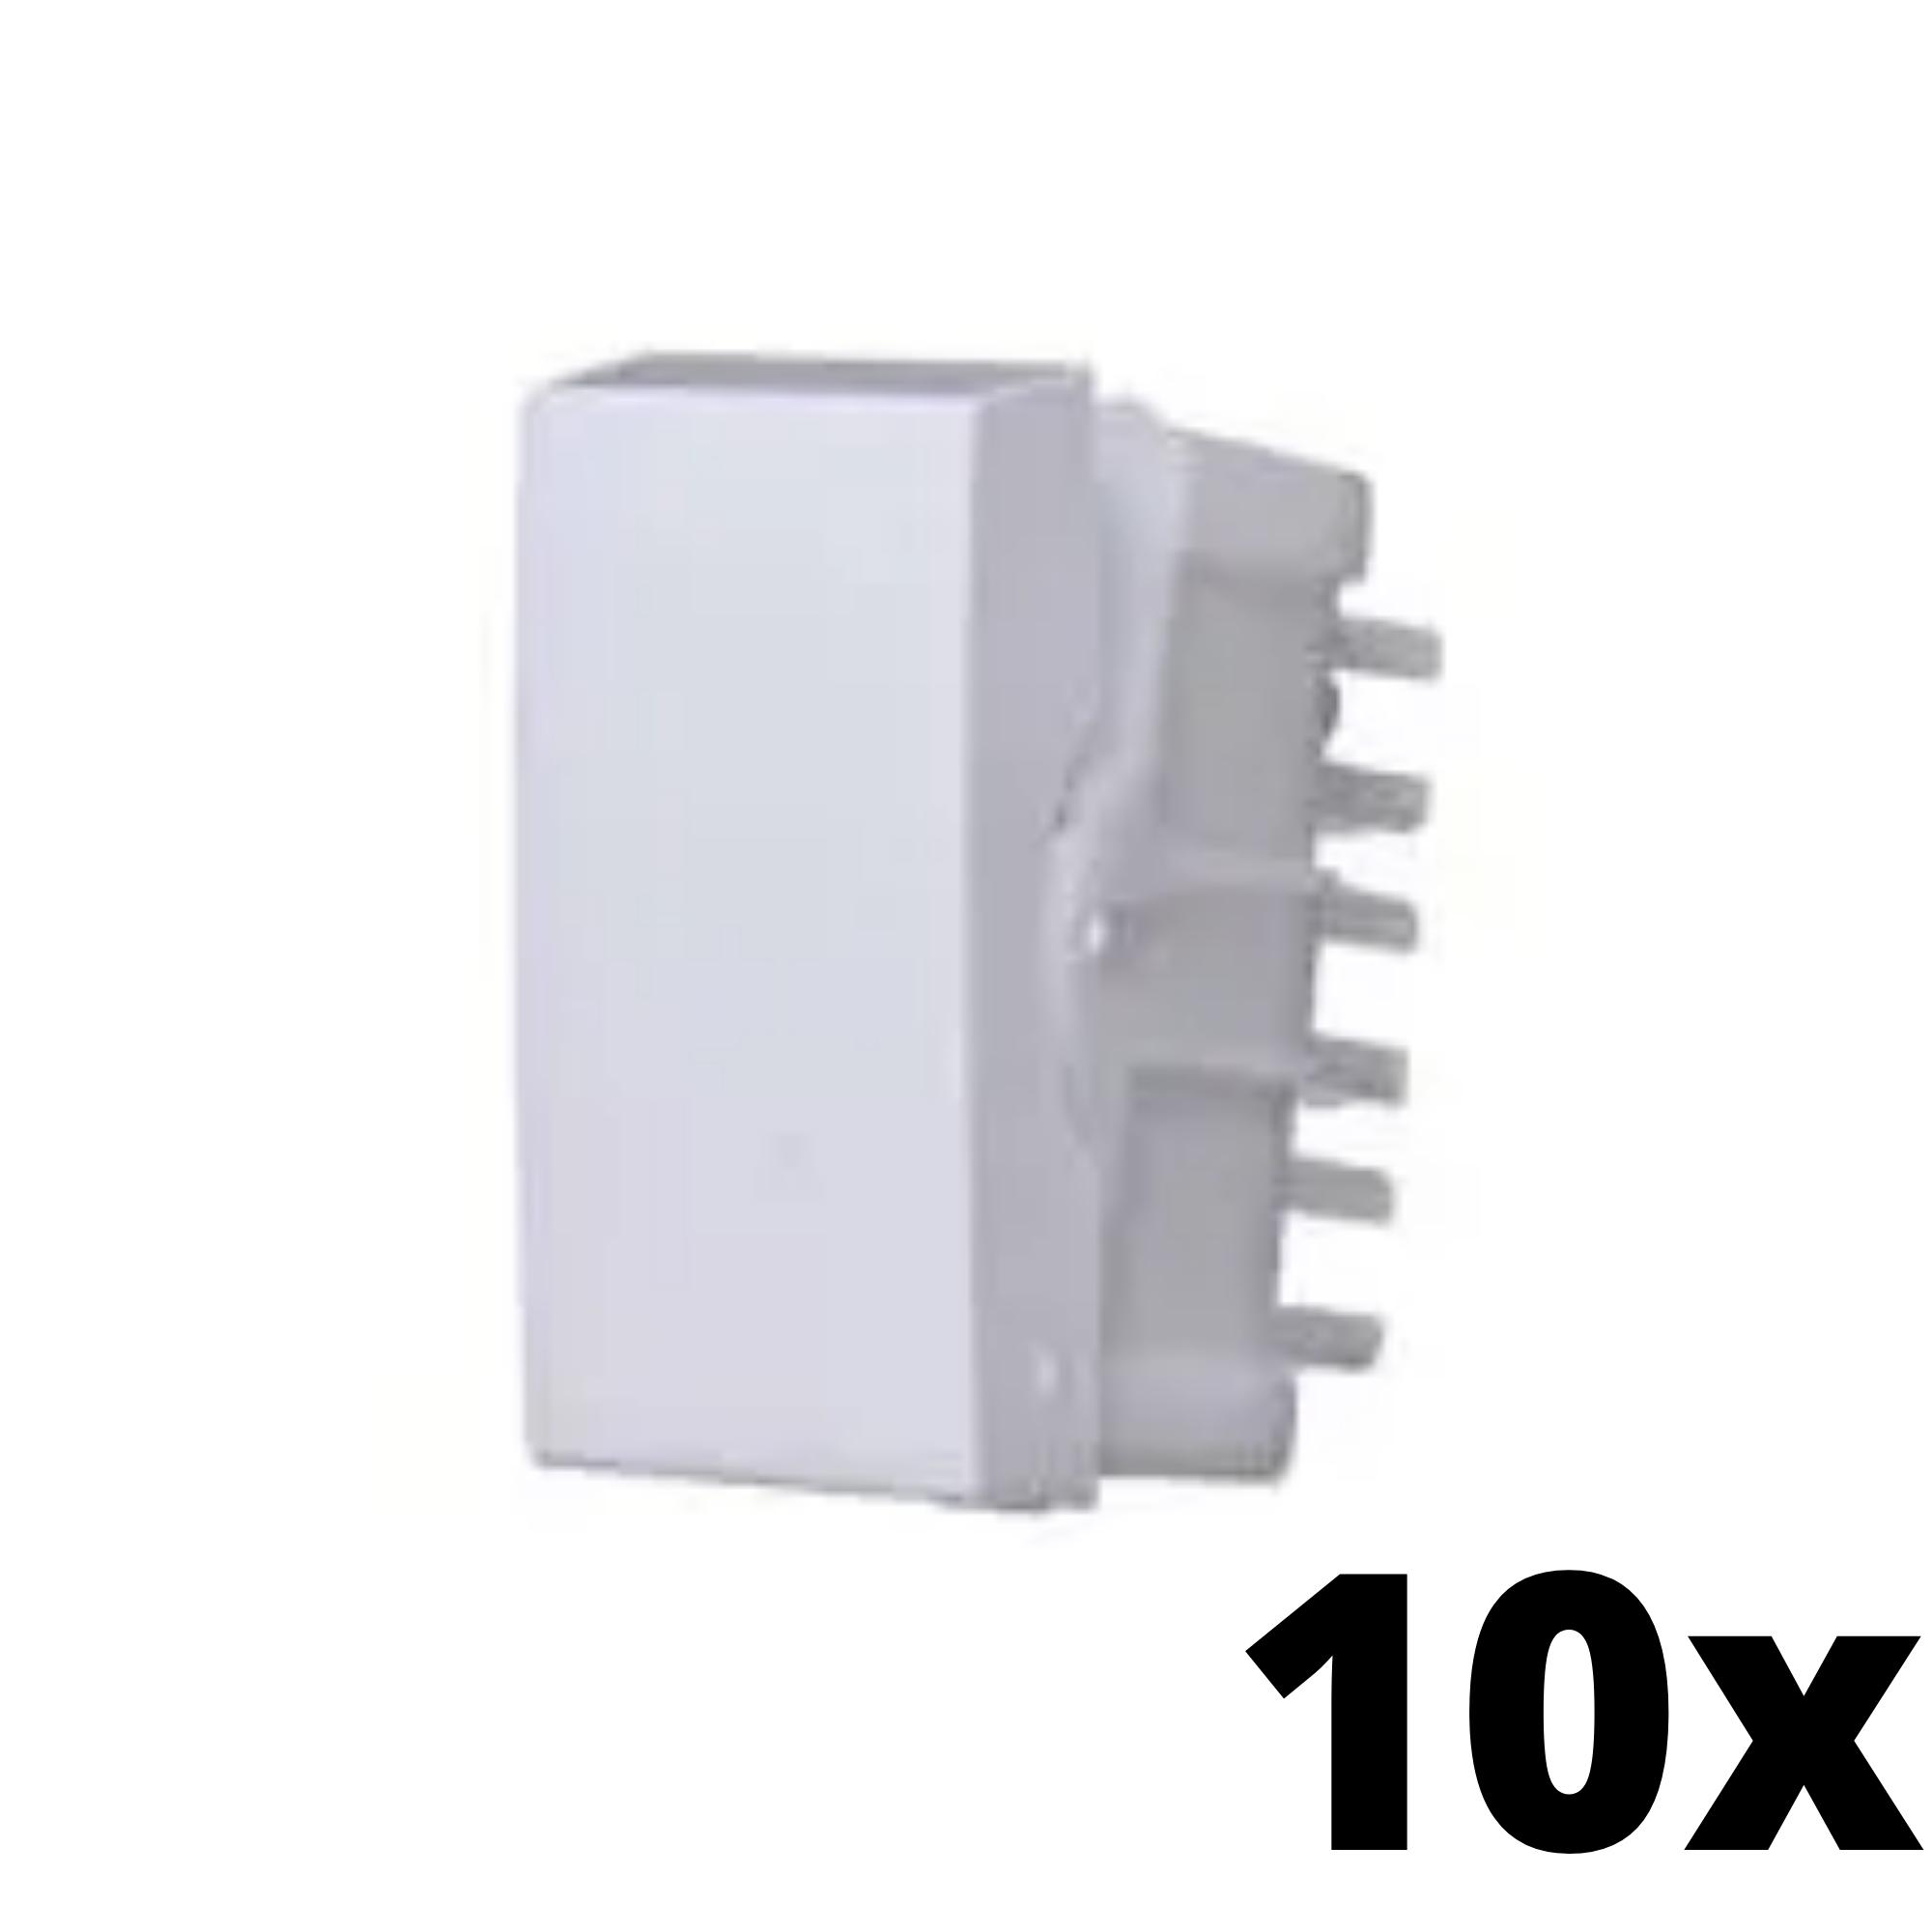 Kit 10 und Siena Módulo Interruptor Paralelo